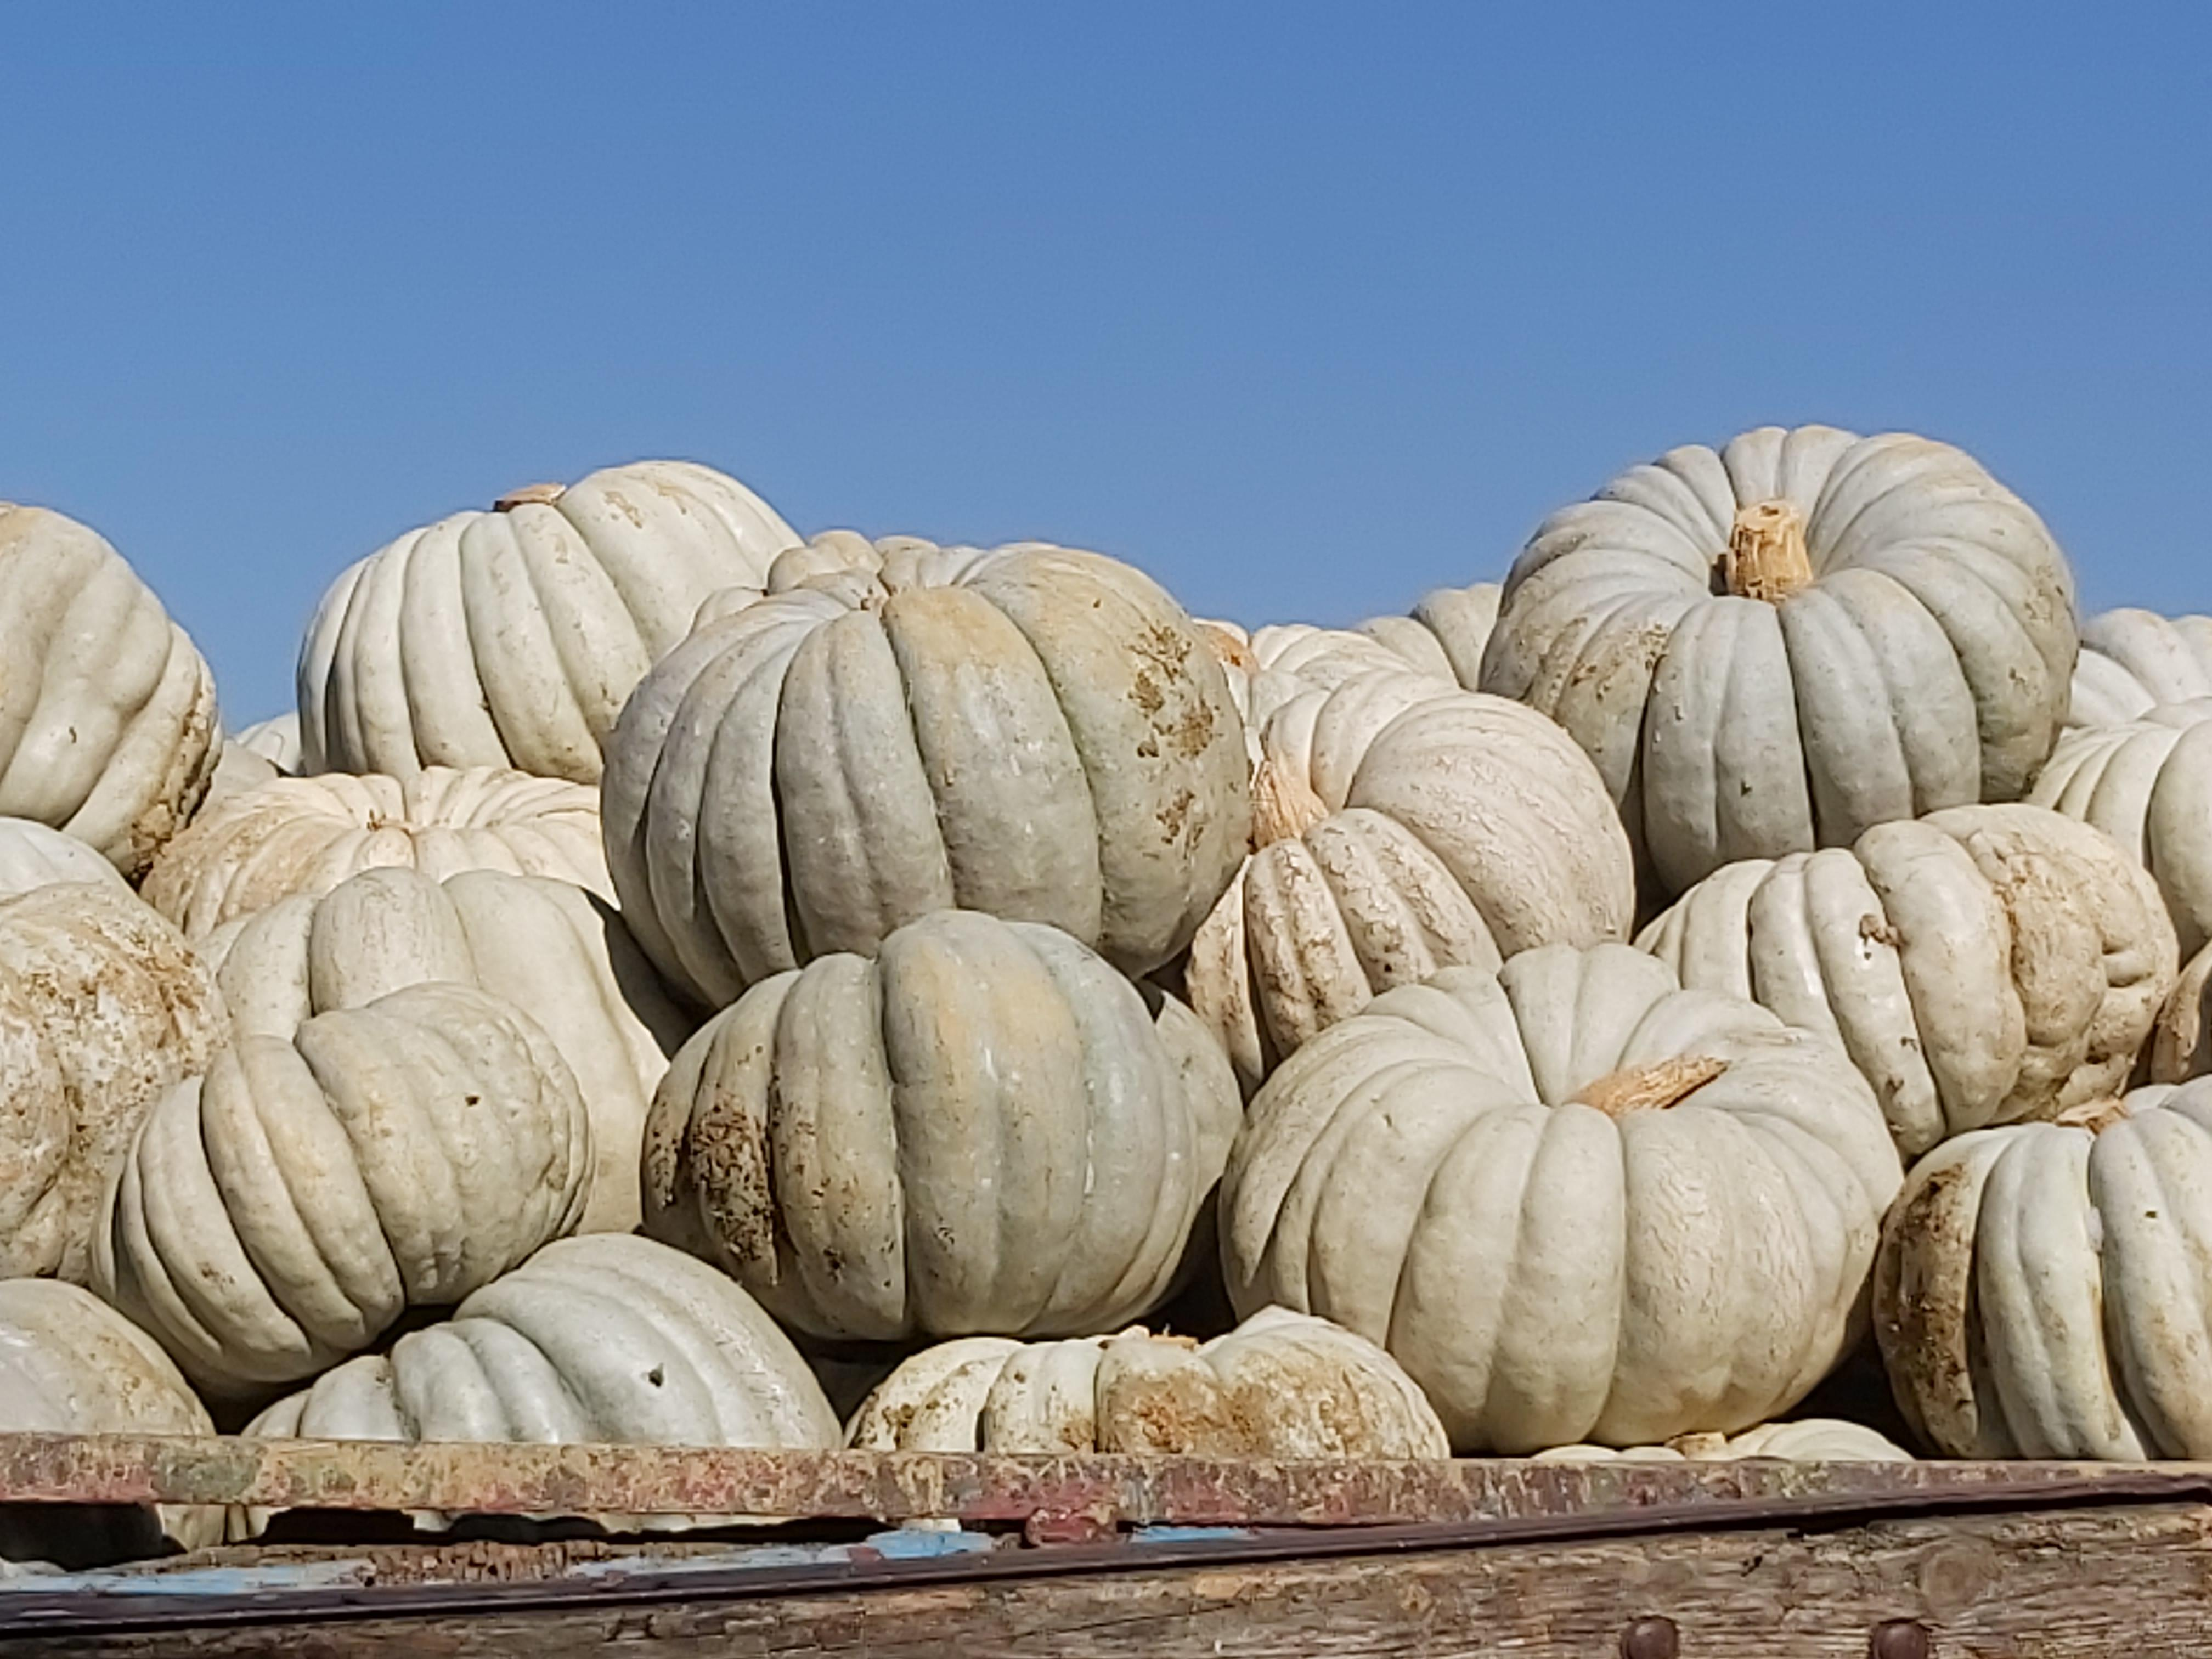 Bal Kabağı - Üretici Mehmet T 1 tl fiyat ile 12.000 kilogram arıcan 97 çeşidi bal kabağı satmak istiyor